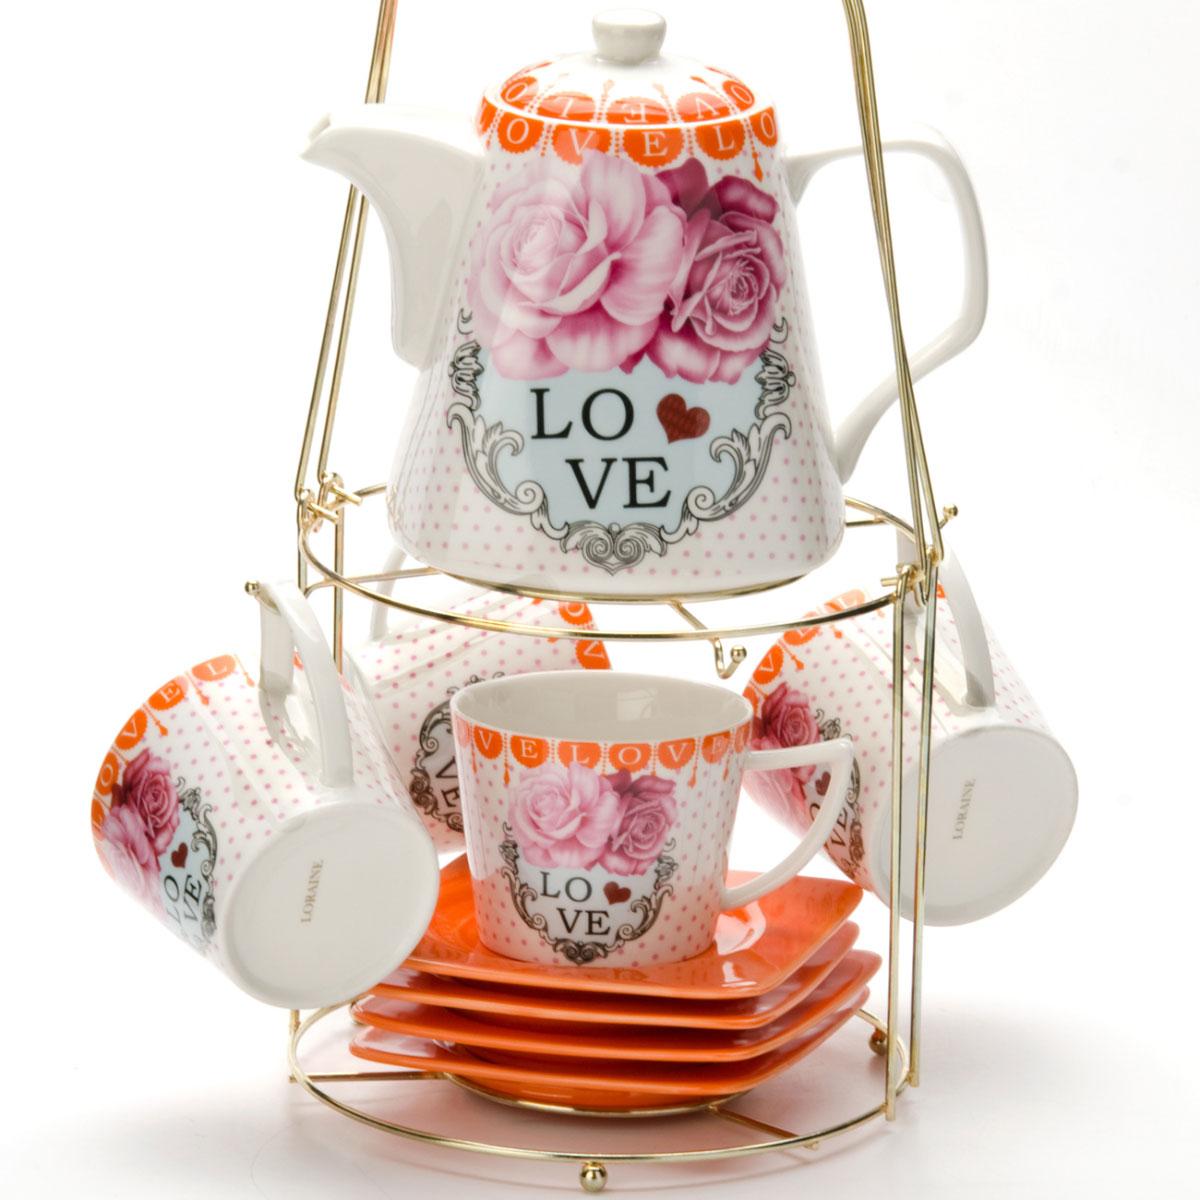 Набор чайный Mayer & Boch, на подставке, 9 предметов. 2473024730Чайный набор LORAINE состоит из 4 чашек, 4 блюдец и заварочного чайника (1,1 л). Предметы набора изготовлены из керамики и оформлены изображением цветов. Все предметы располагаются на удобной металлической подставке с ручкой. Элегантный дизайн набора придется по вкусу и ценителям классики, и тем, кто предпочитает утонченность и изысканность. Он настроит на позитивный лад и подарит хорошее настроение с самого утра. Чайный набор LORAINE идеально подойдет для сервировки стола и станет отличным подарком к любому празднику.